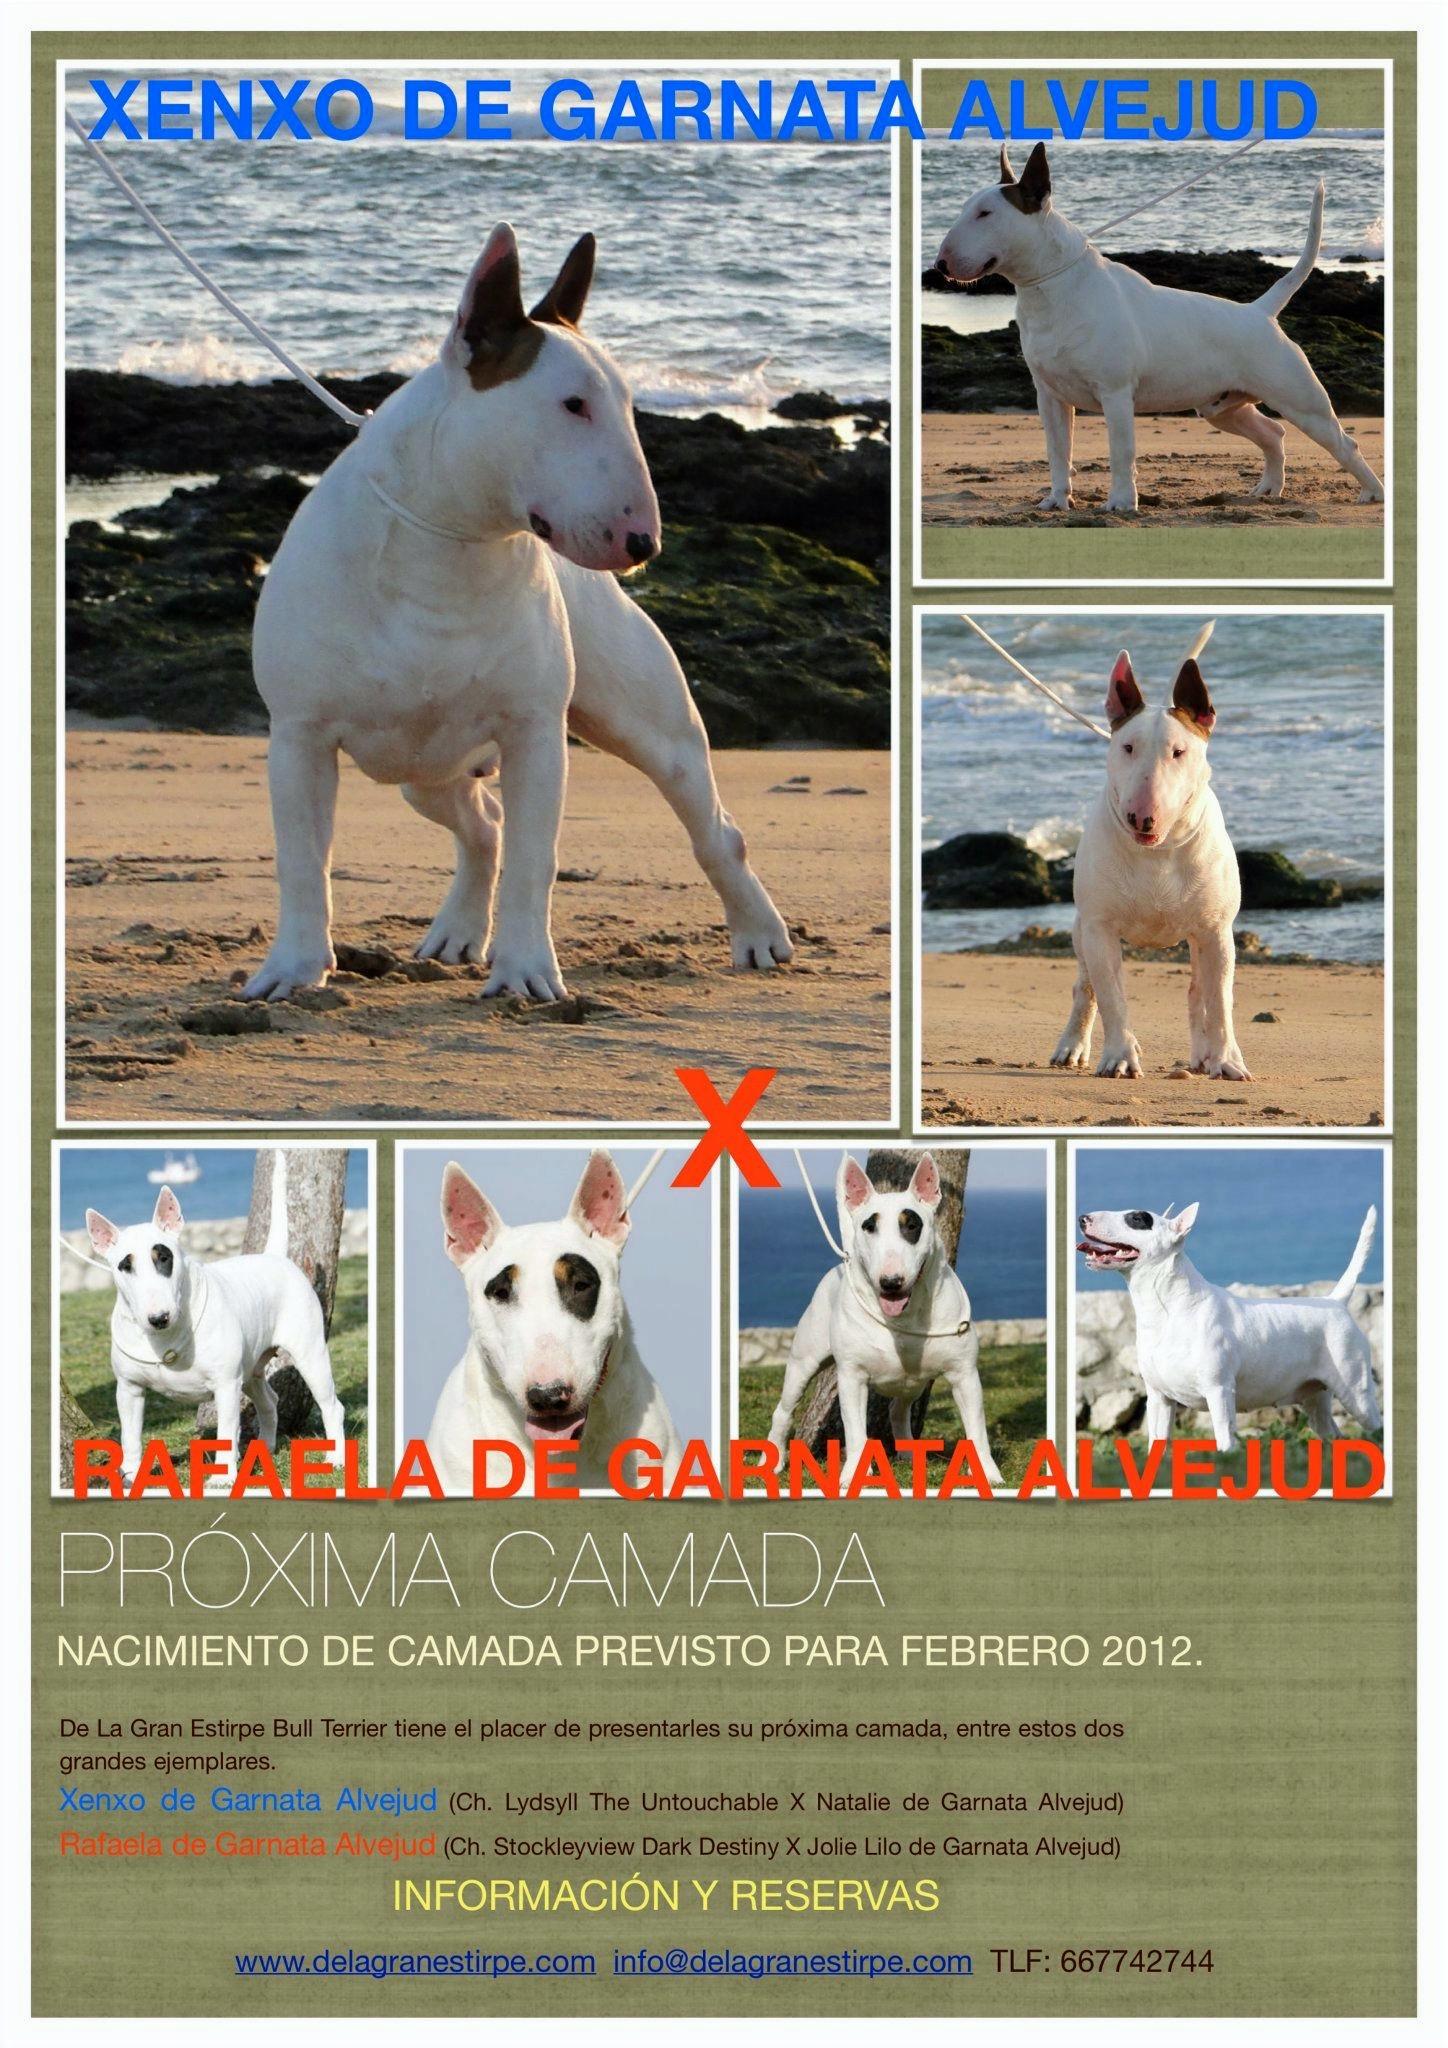 Rafaela de Garnata Alvejud & Xenxo de Garnata Alvejud